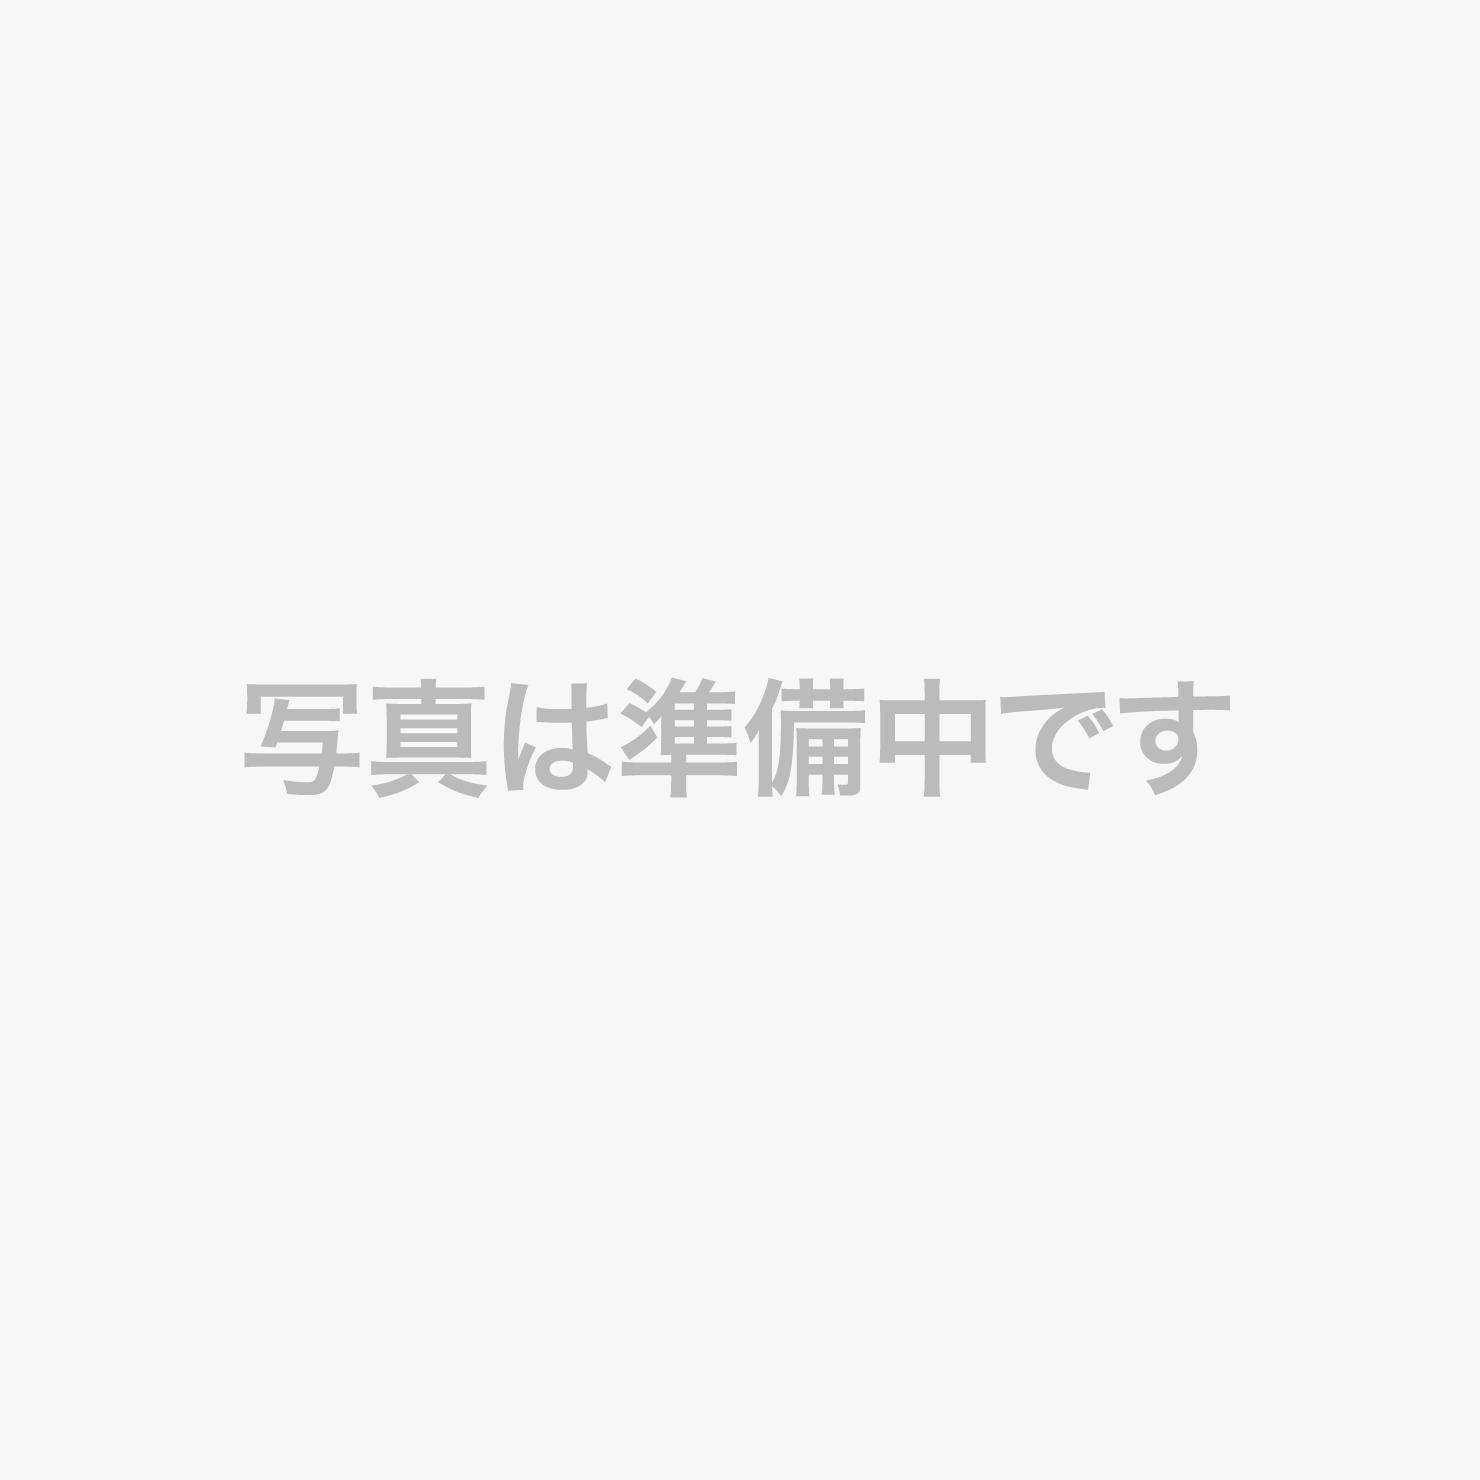 スーペリアダブル【32平米】3名仕様